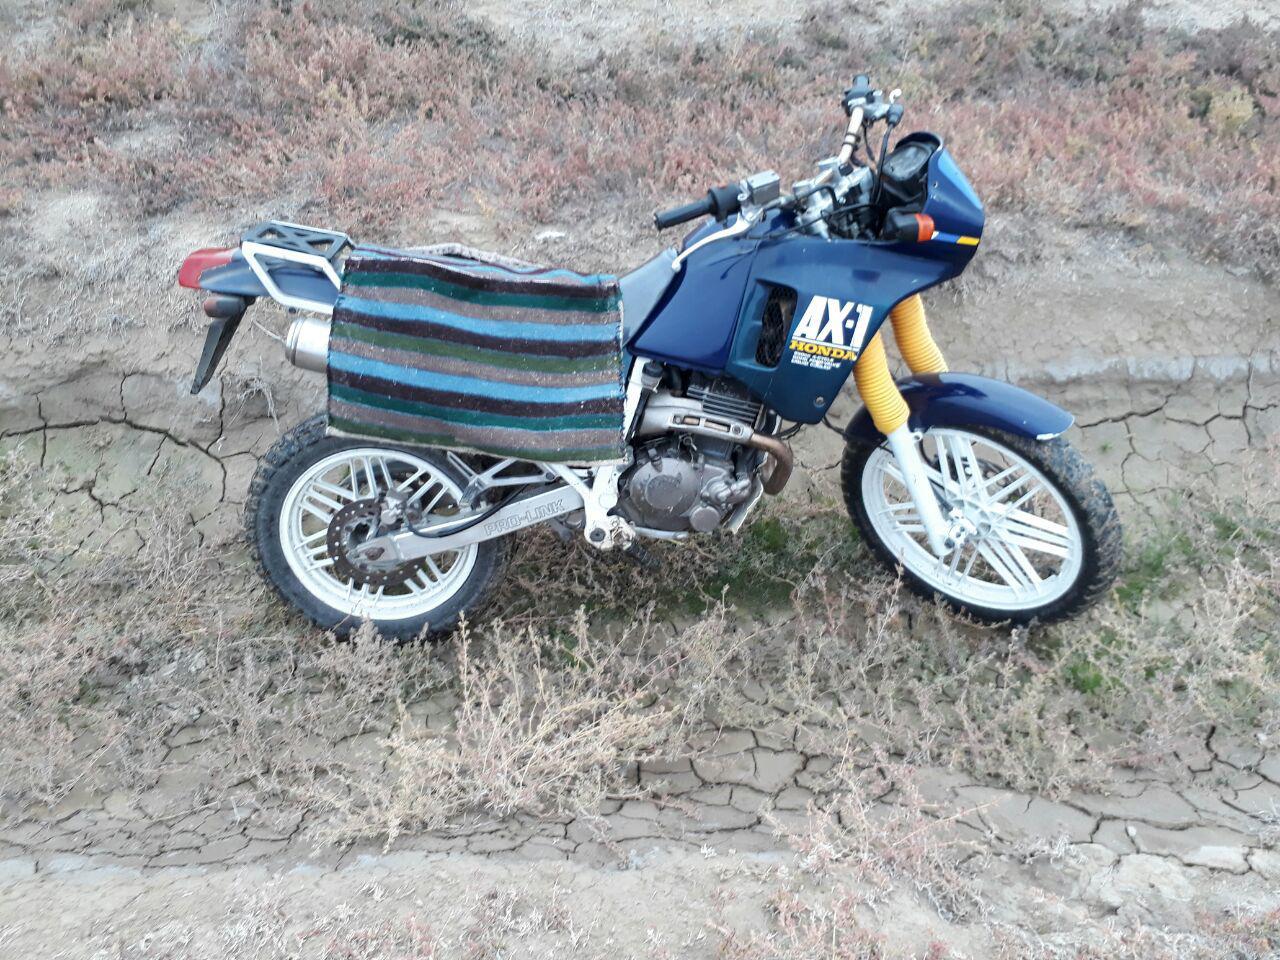 موتور سیکلت هندا آکس 1 ax